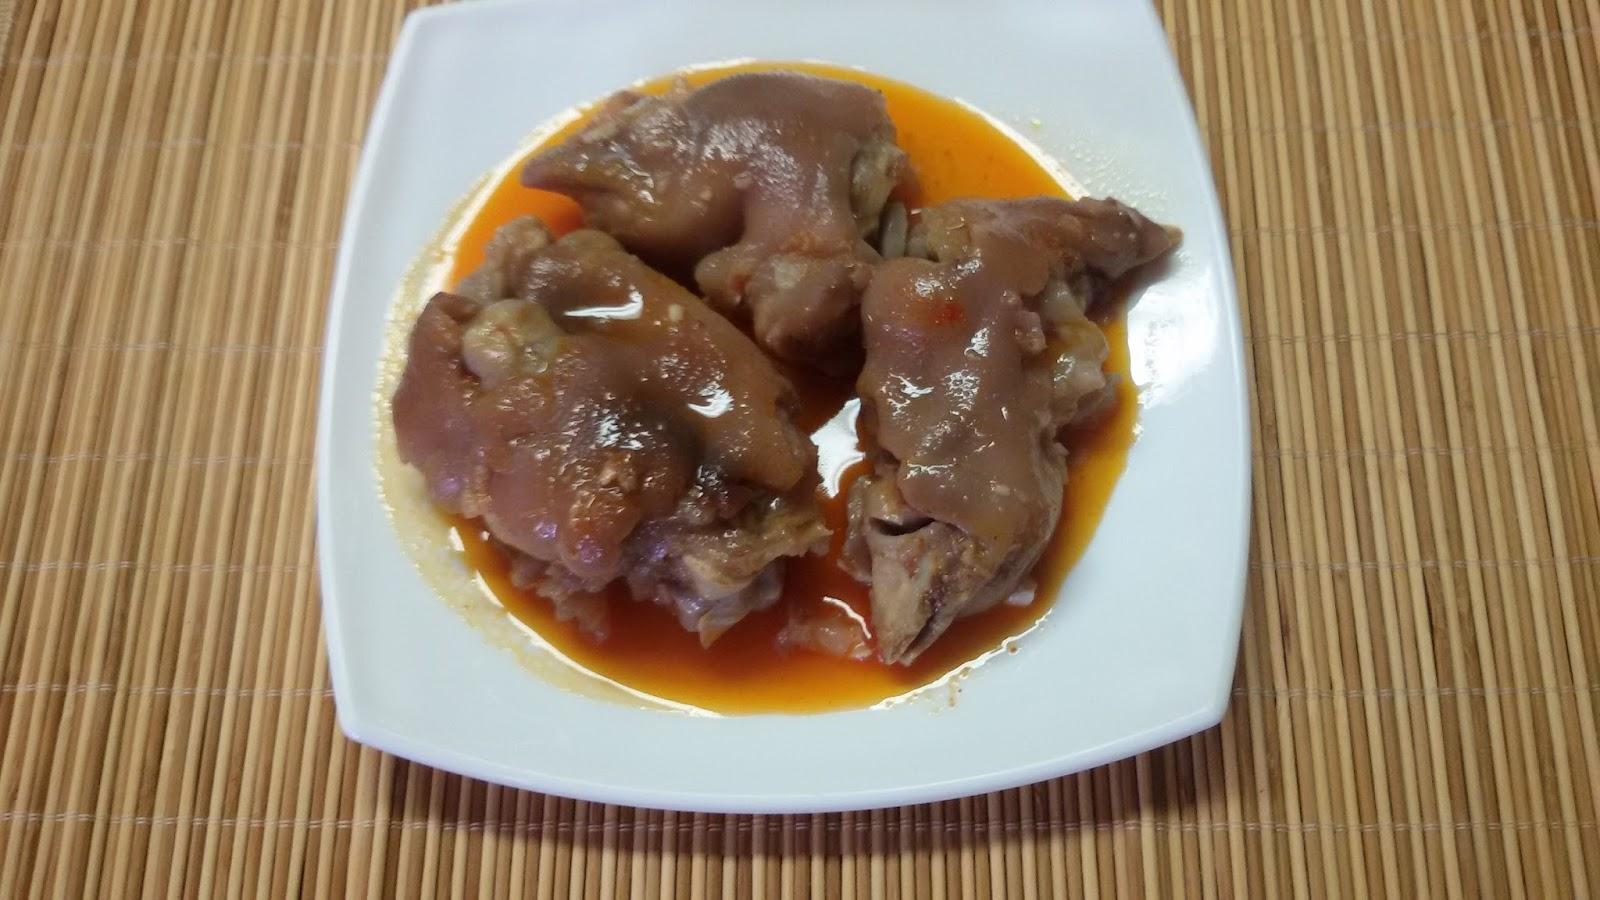 Las recetas de pepe faciles y baratas manos de cerdo una for Como cocinar manos de cerdo